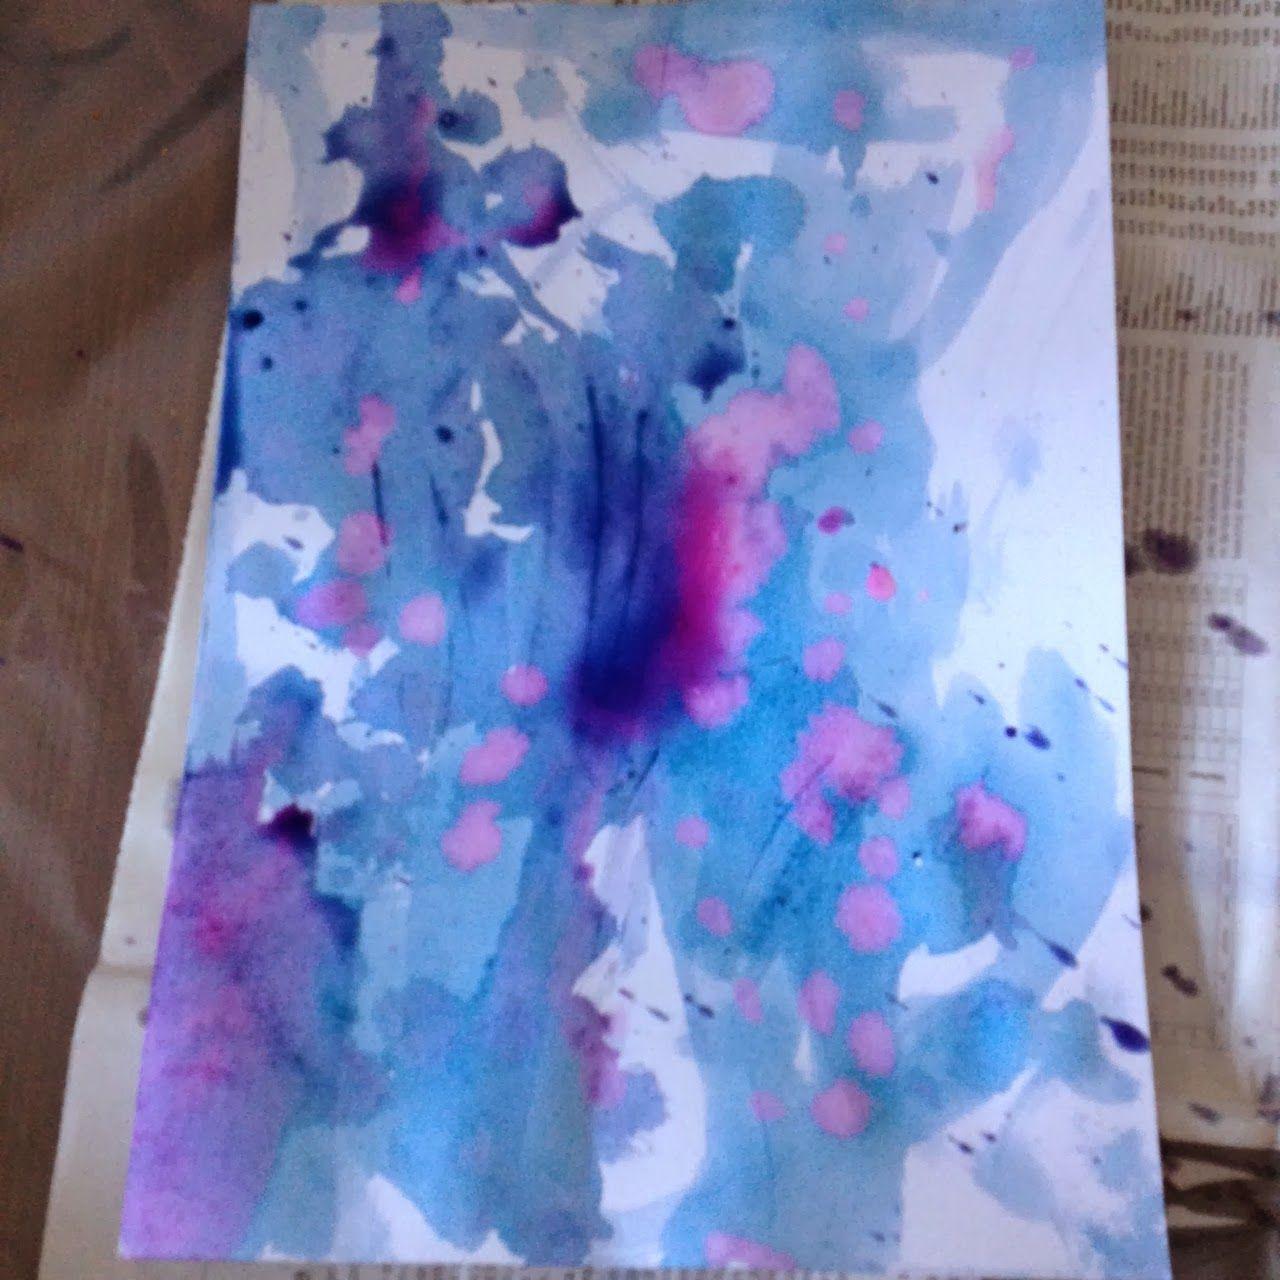 Peinture Vegetale Au Jus De Chou Rouge Maman Mammouth Blog Famille Lifestyle Et Lecture Peinture Vegetale Jus De Chou Peinture